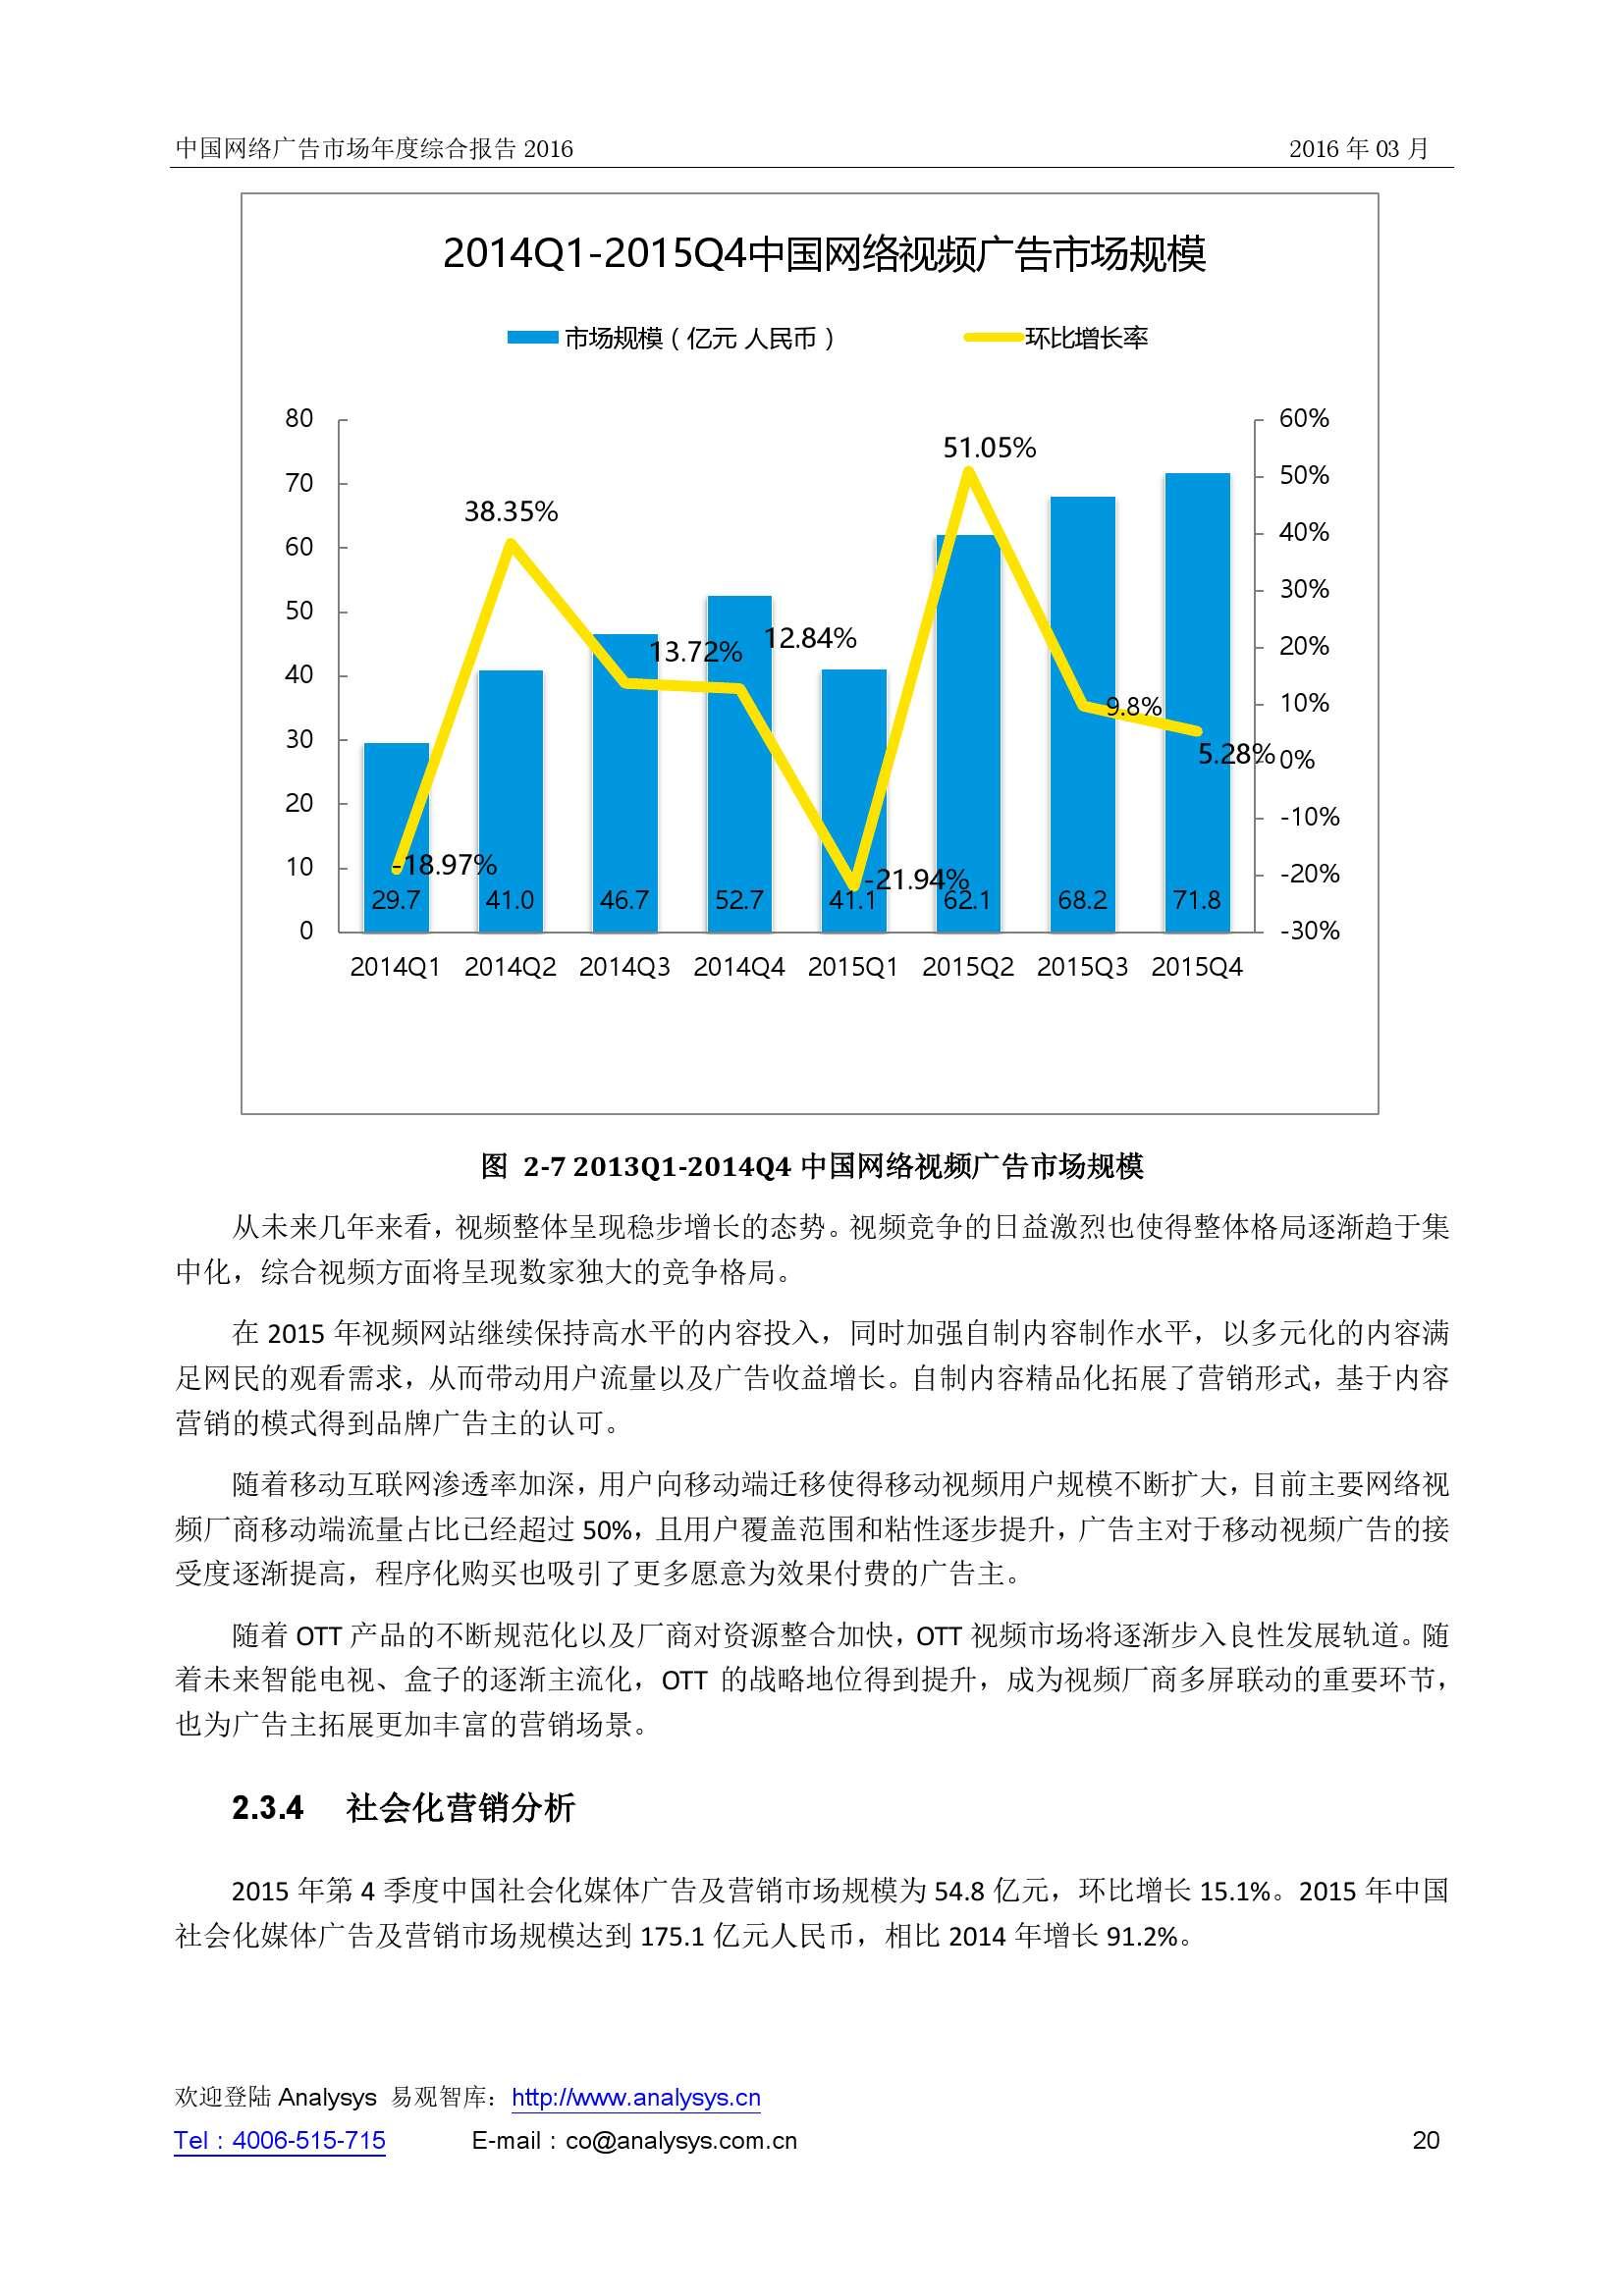 中国网络广告市场年度综合报告2016_000020